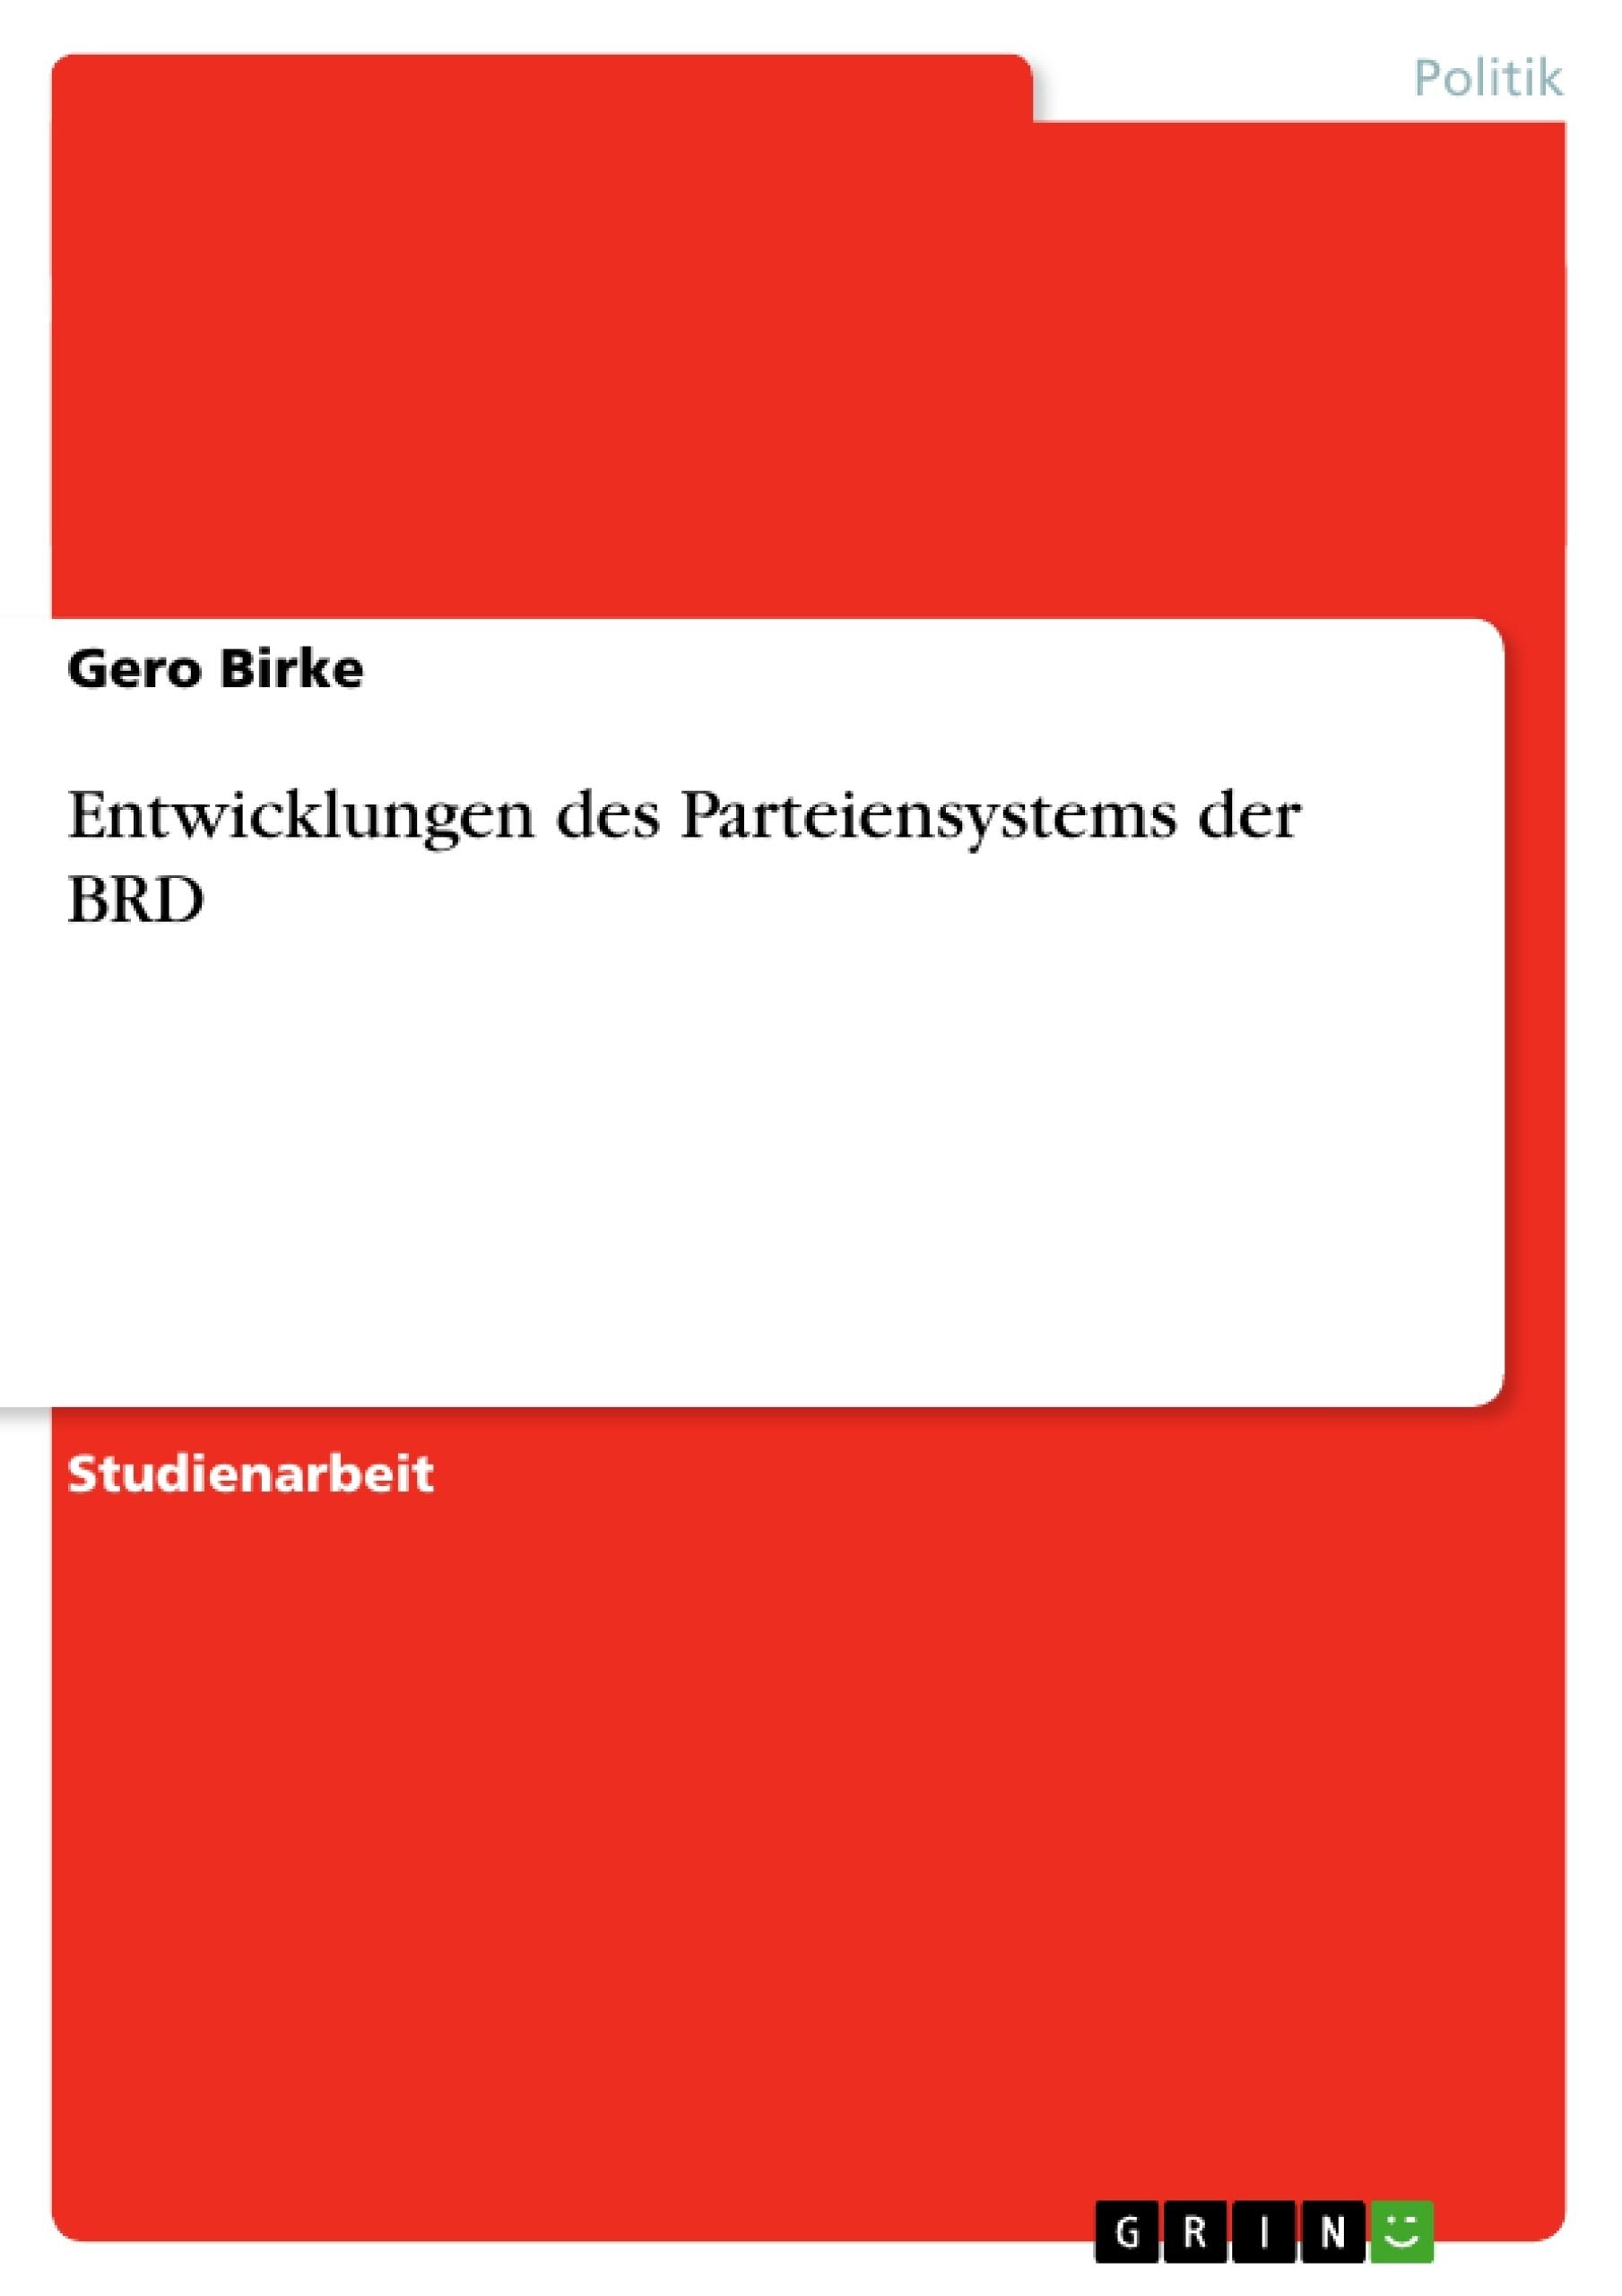 Titel: Entwicklungen des Parteiensystems der BRD